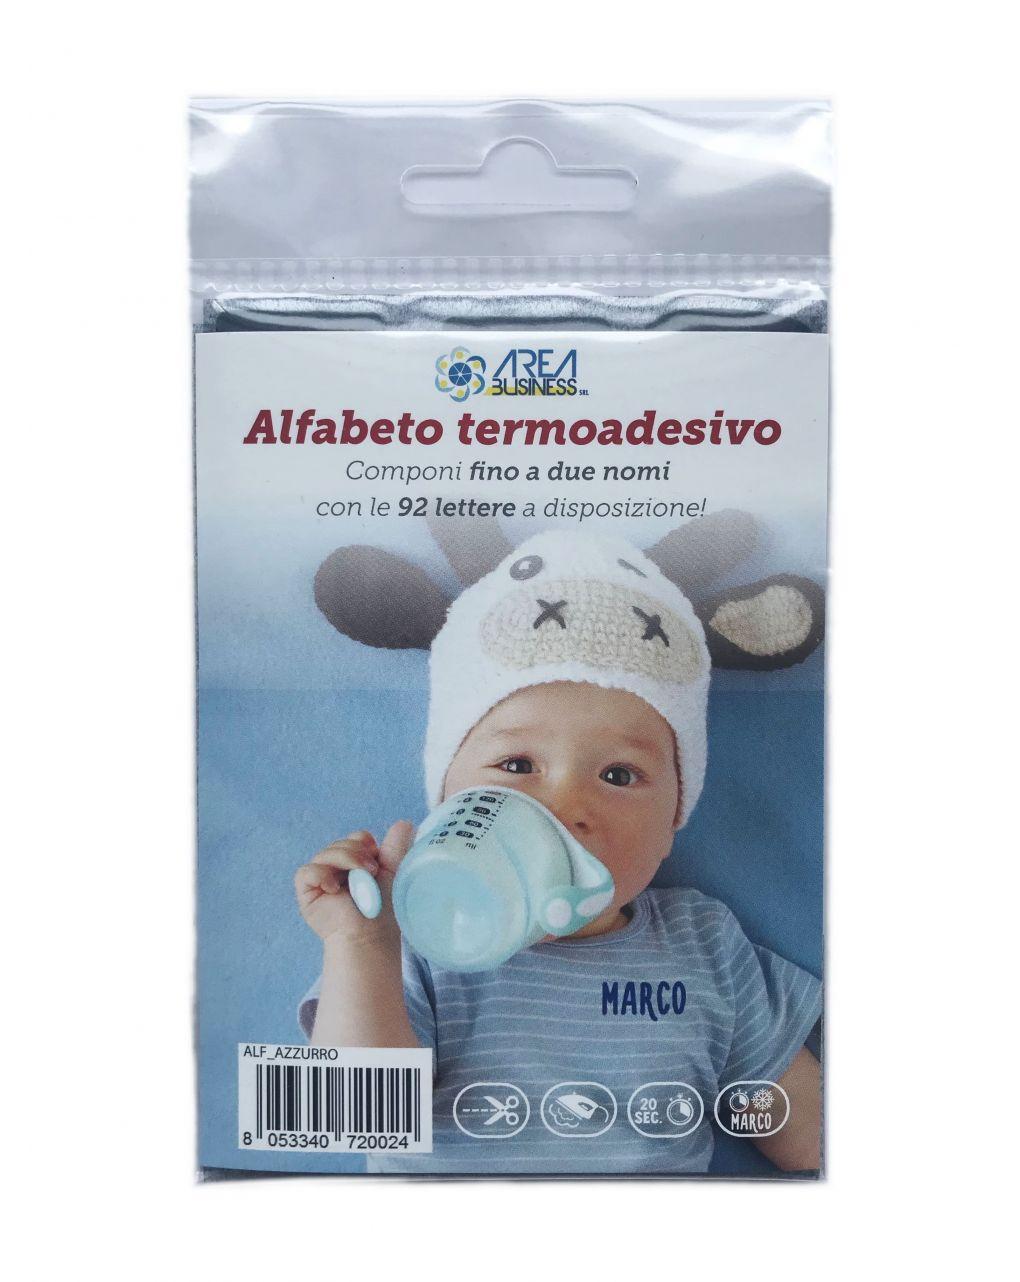 Alfabeto termoadesivo marcabiancheria azzurro - AREA BUSINESS